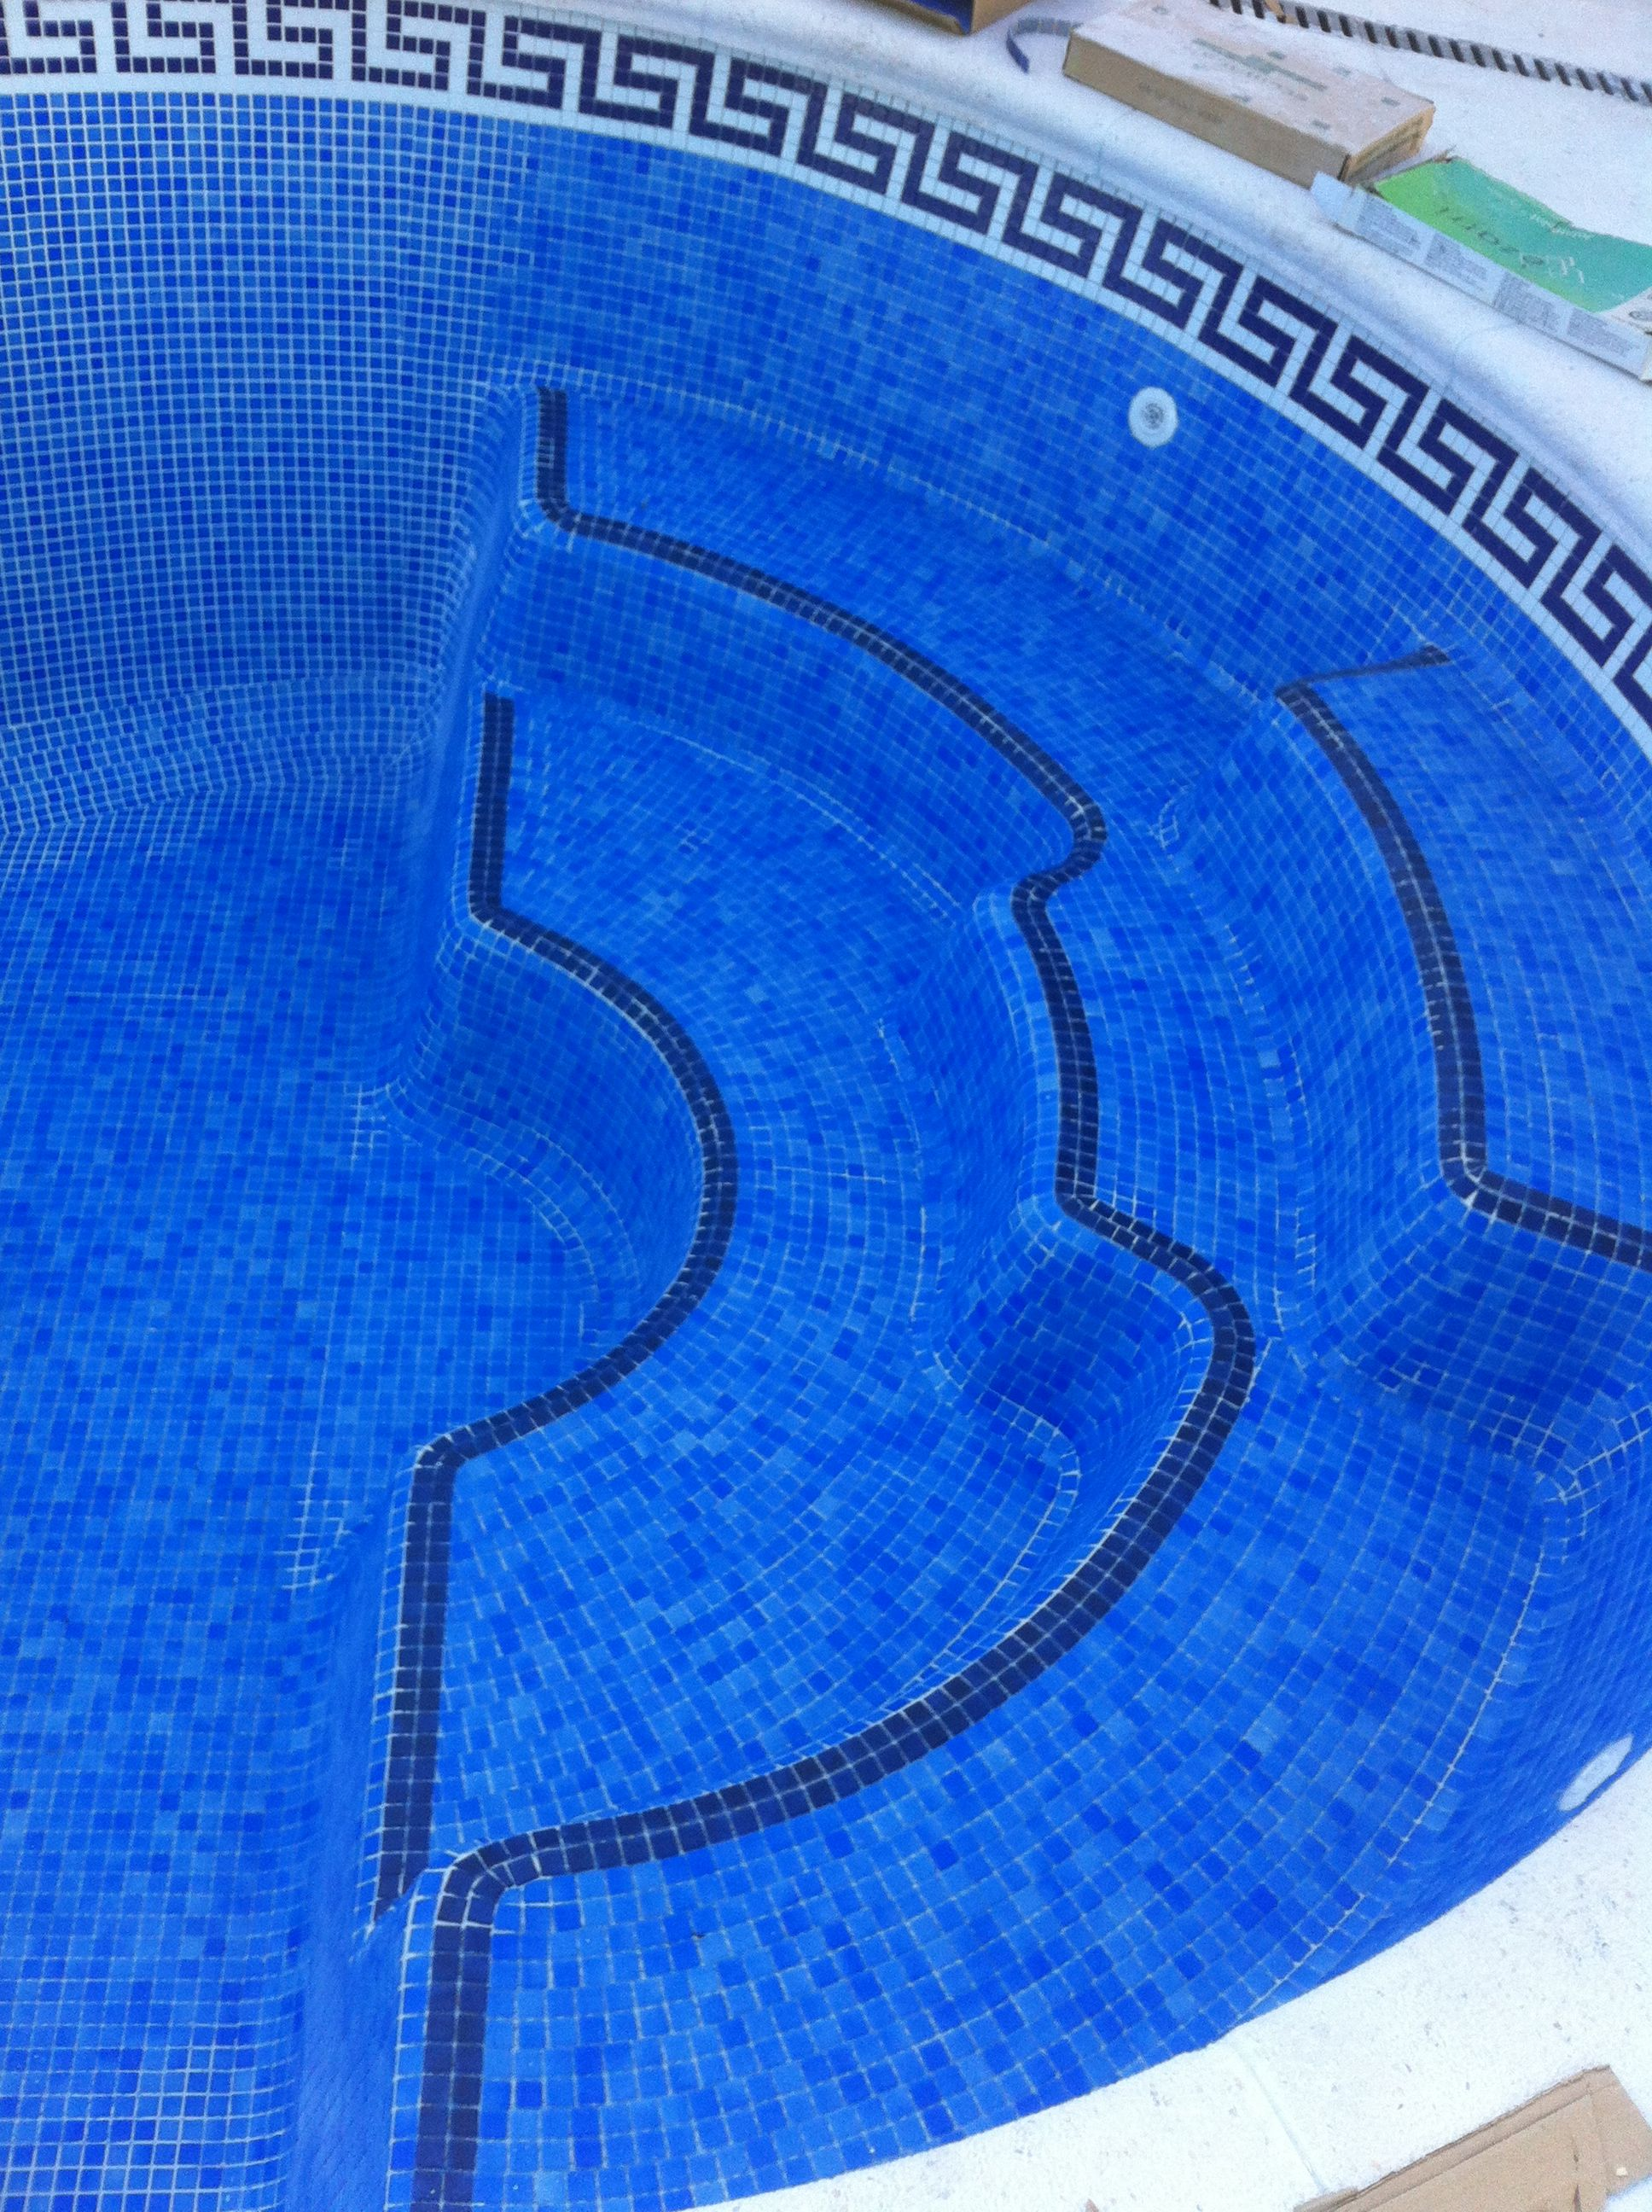 Piscinas de poliester con gresite piscinas de poli ster - Gresite piscinas colores ...